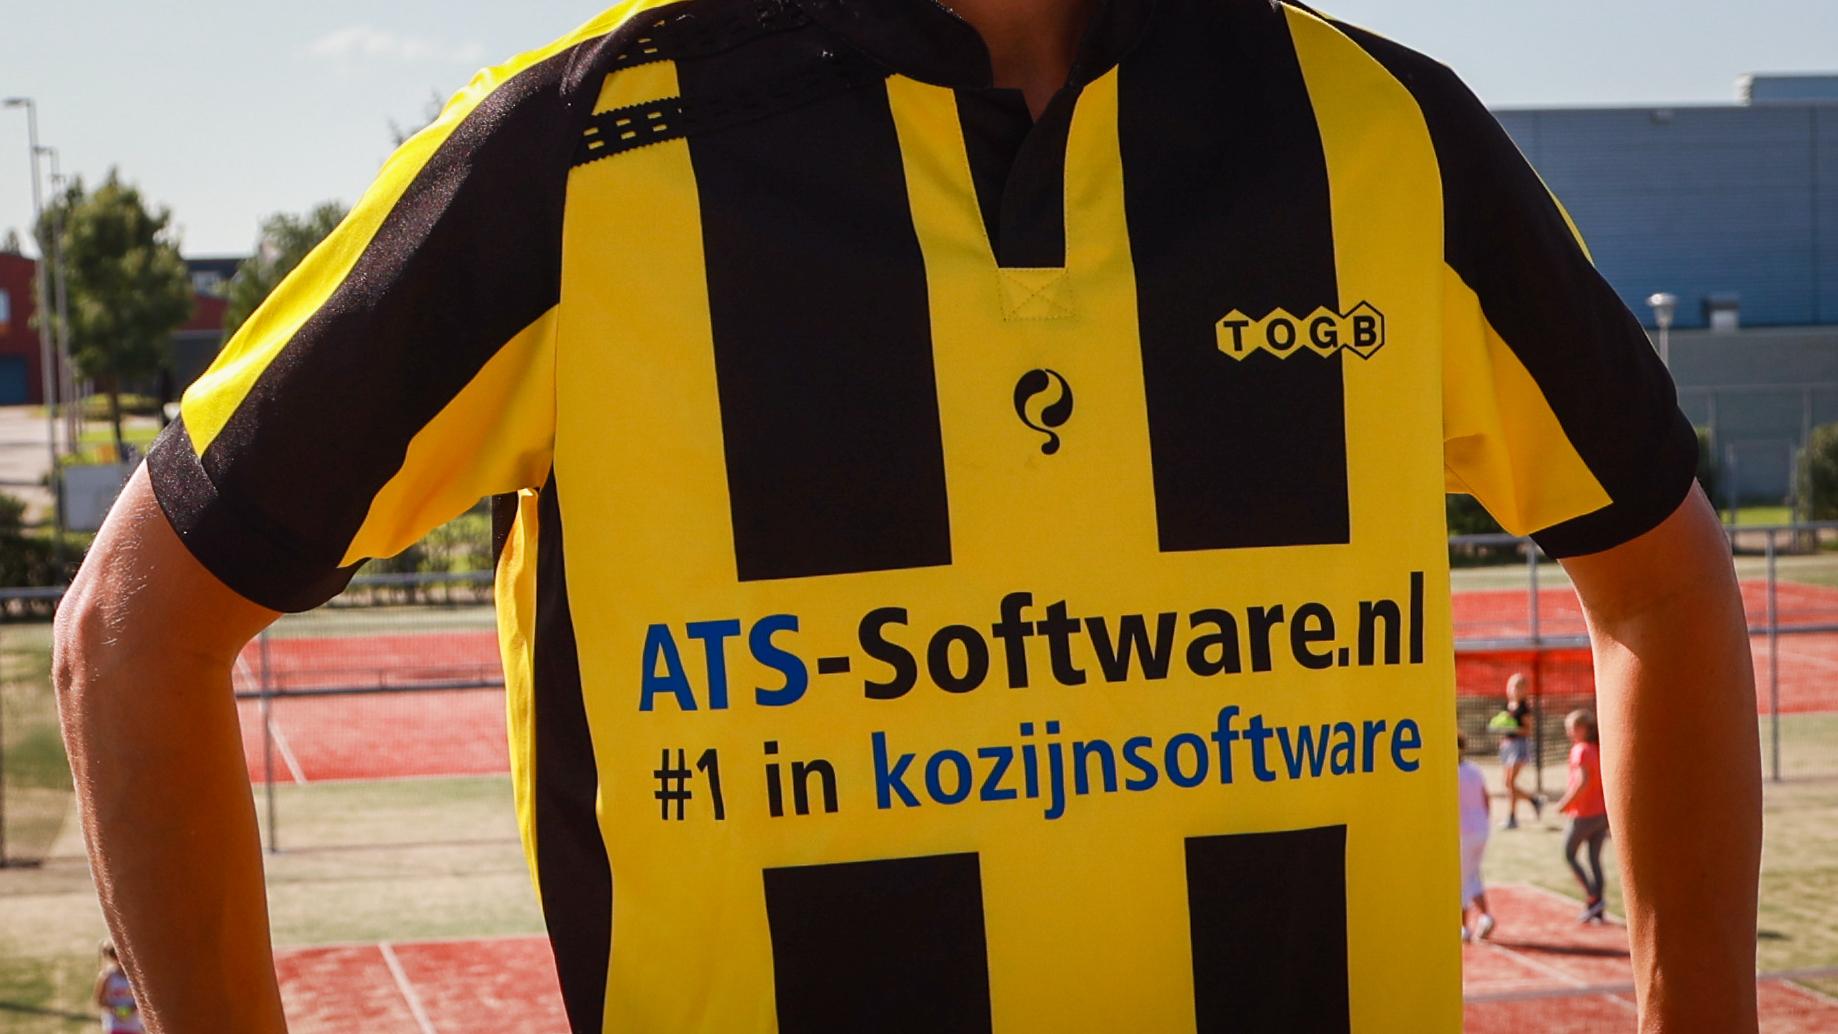 ATS-Software steekt TOGB 6 in het nieuw